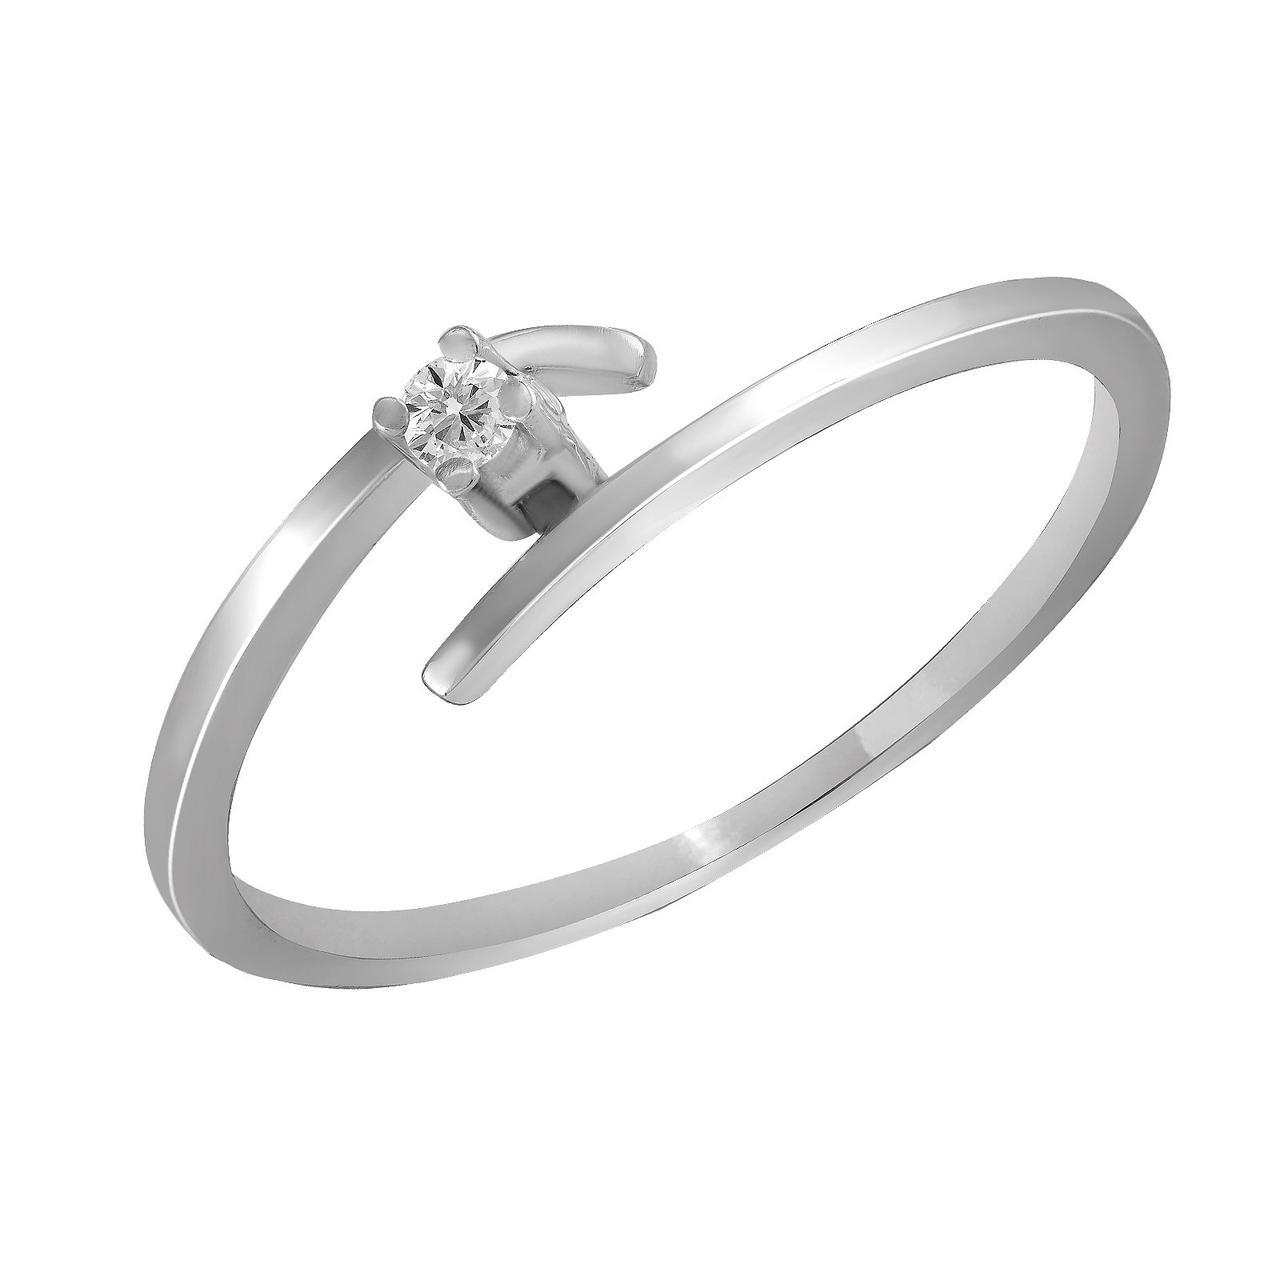 Золотое кольцо с бриллиантом, размер 17.5 (870350)